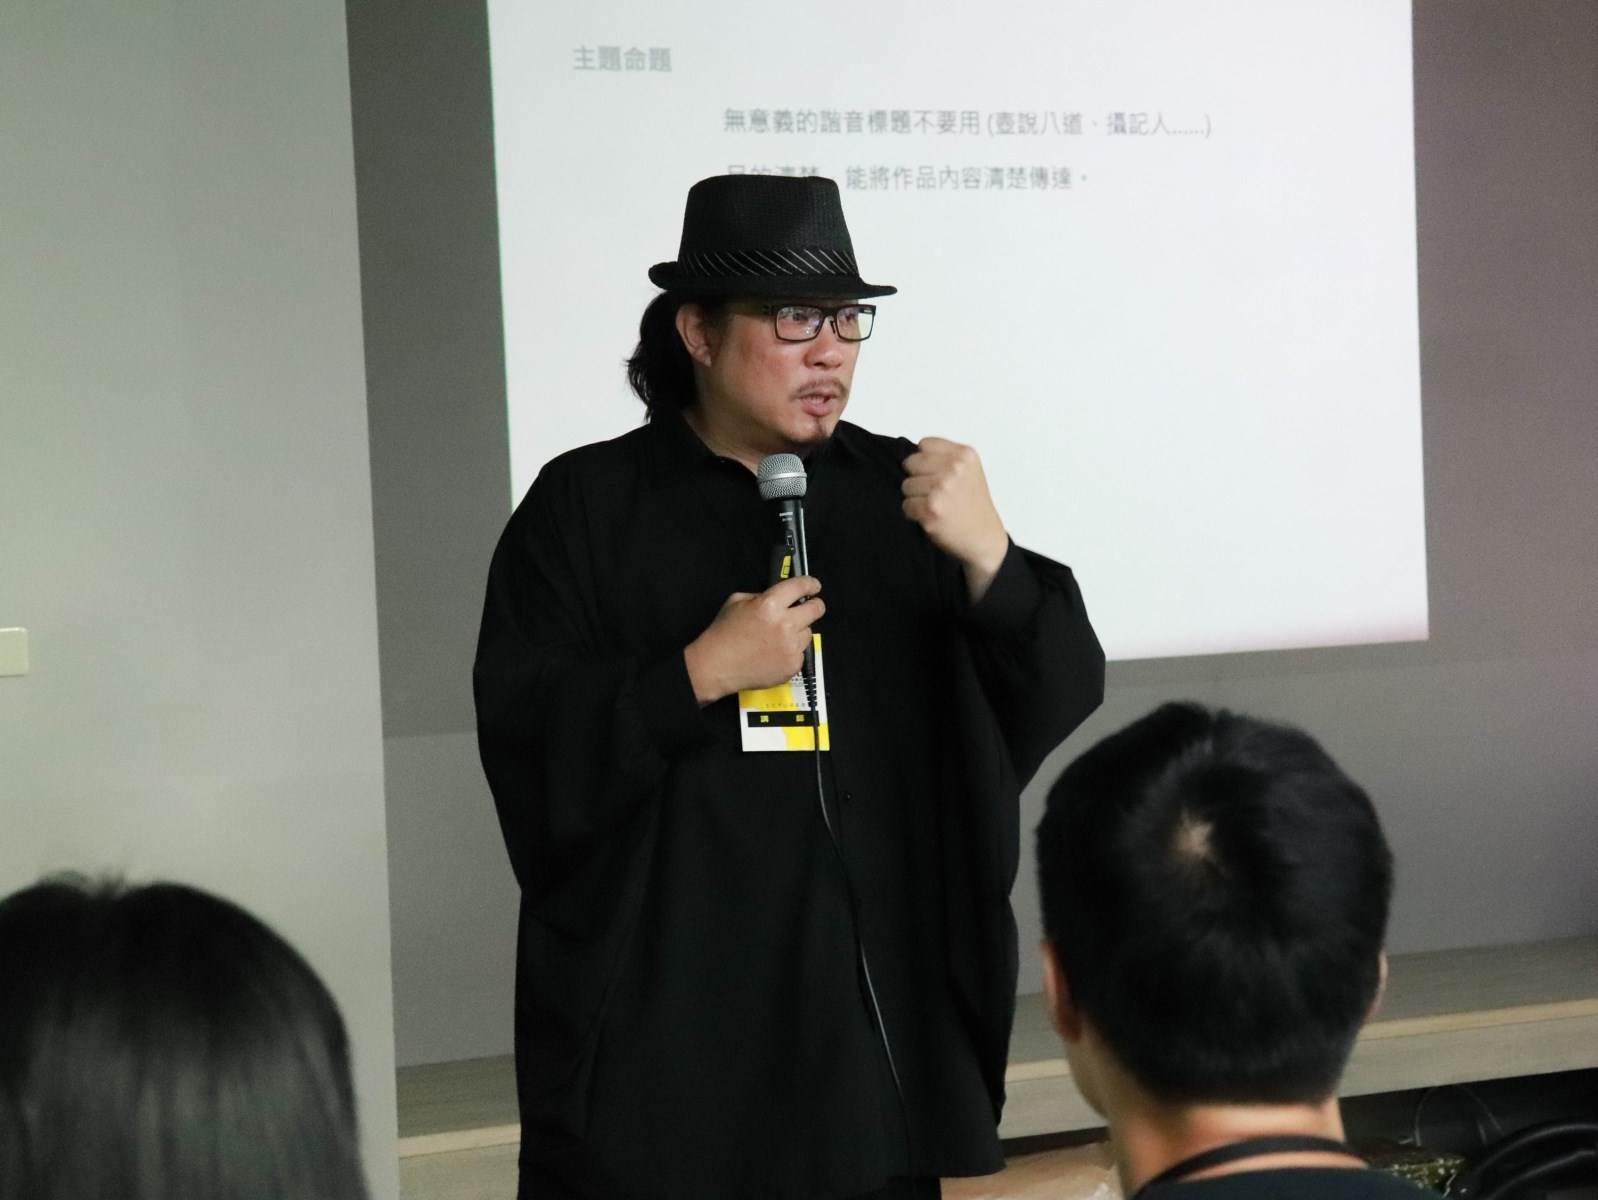 藍本設計顧問有限公司執行長暨中華平面設計協會理事長吳介民進行分享